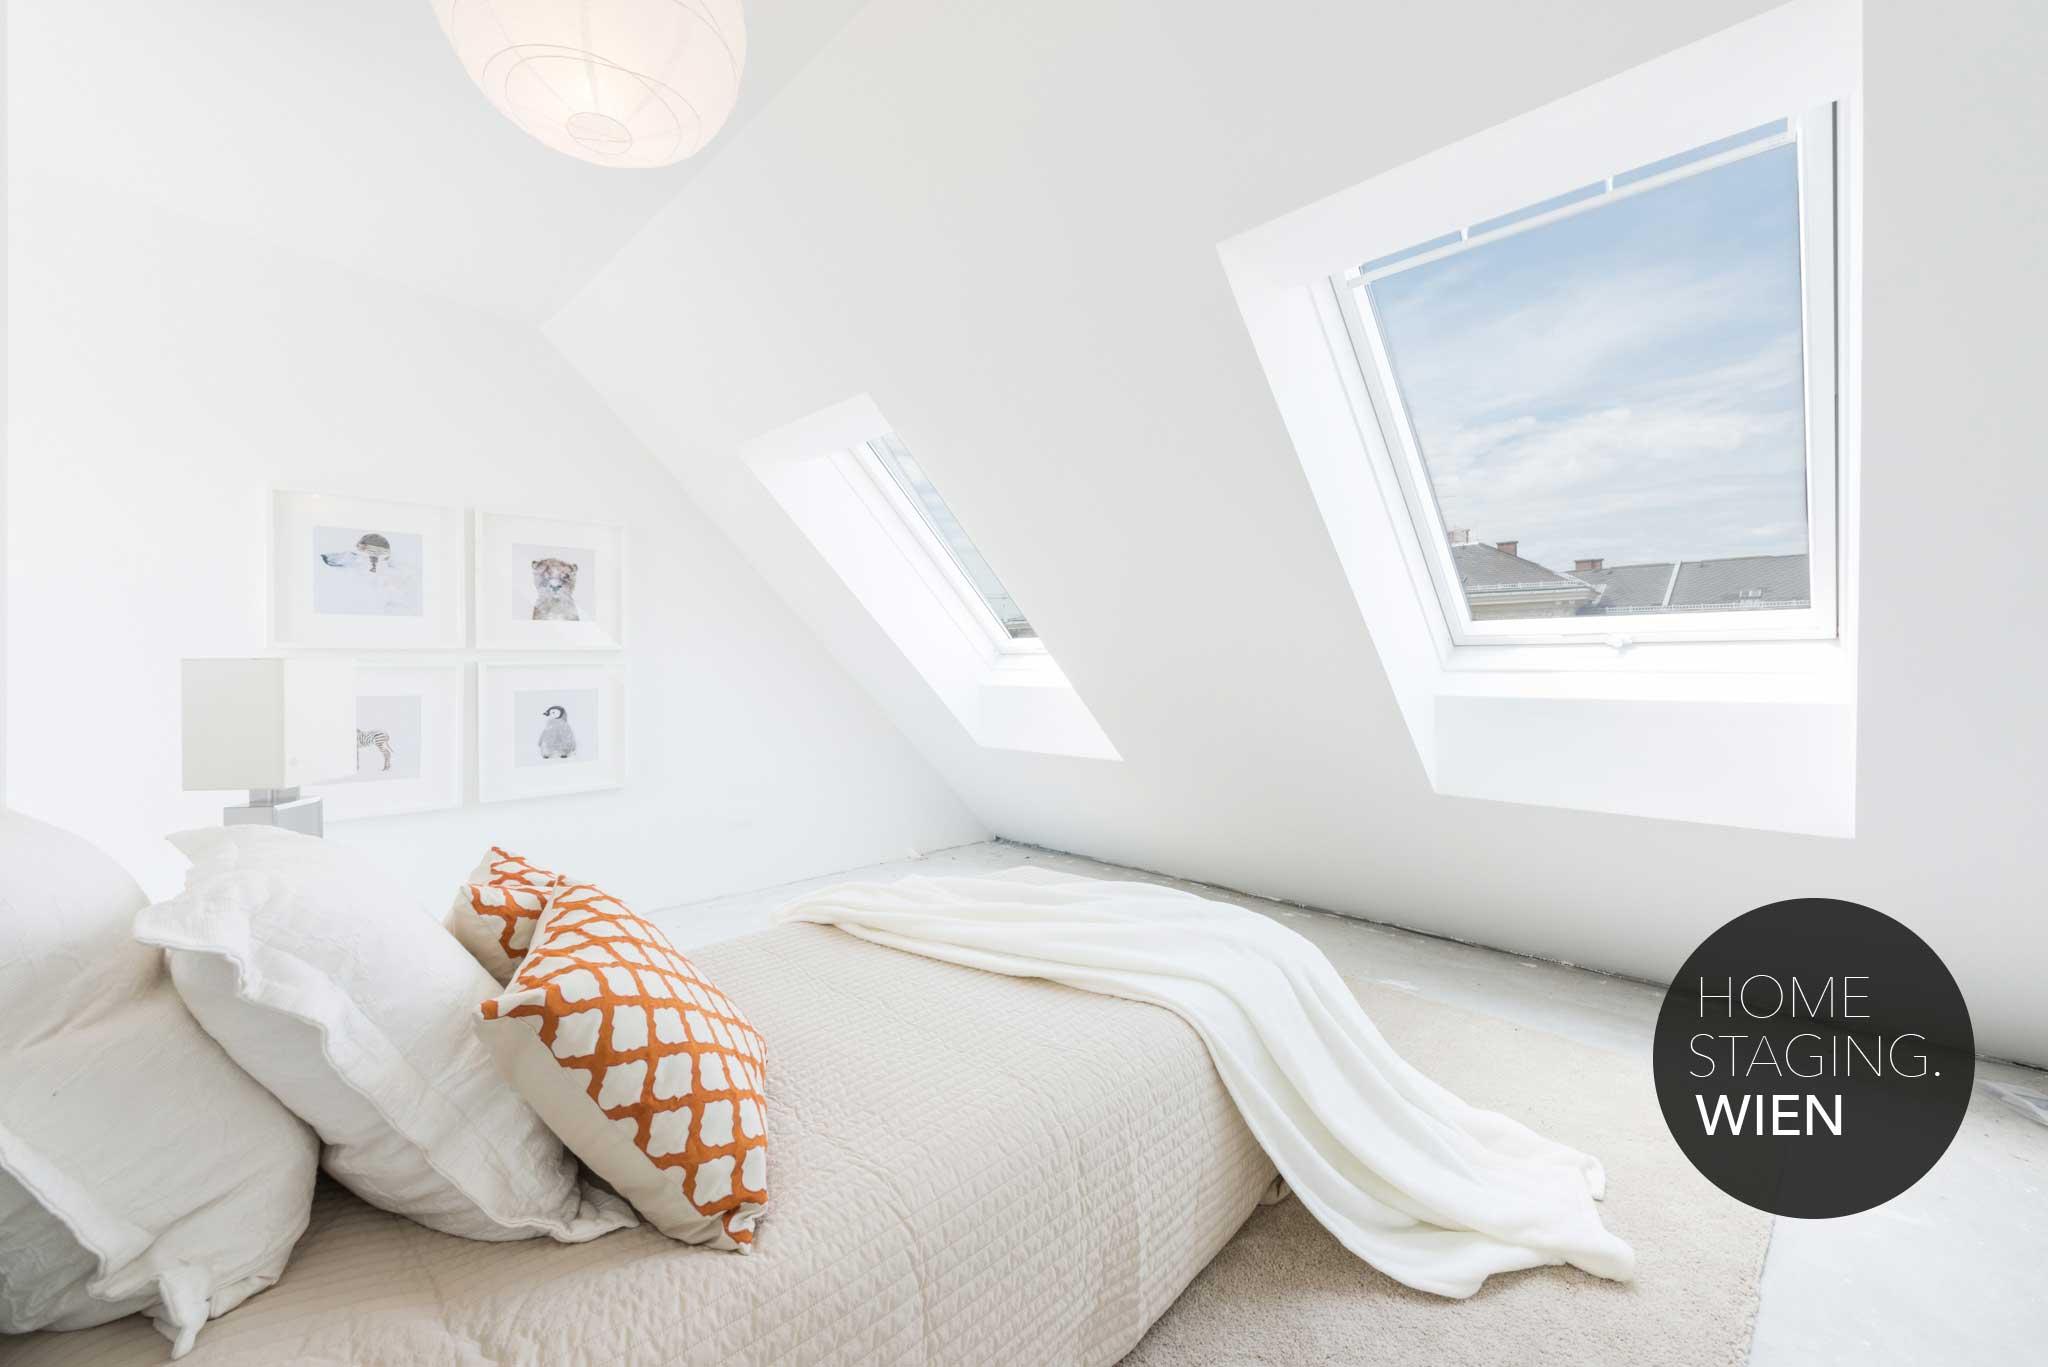 Home Staging Ausbildung home staging wien verena kulterer ochsenhofer setzt ihre immobilie